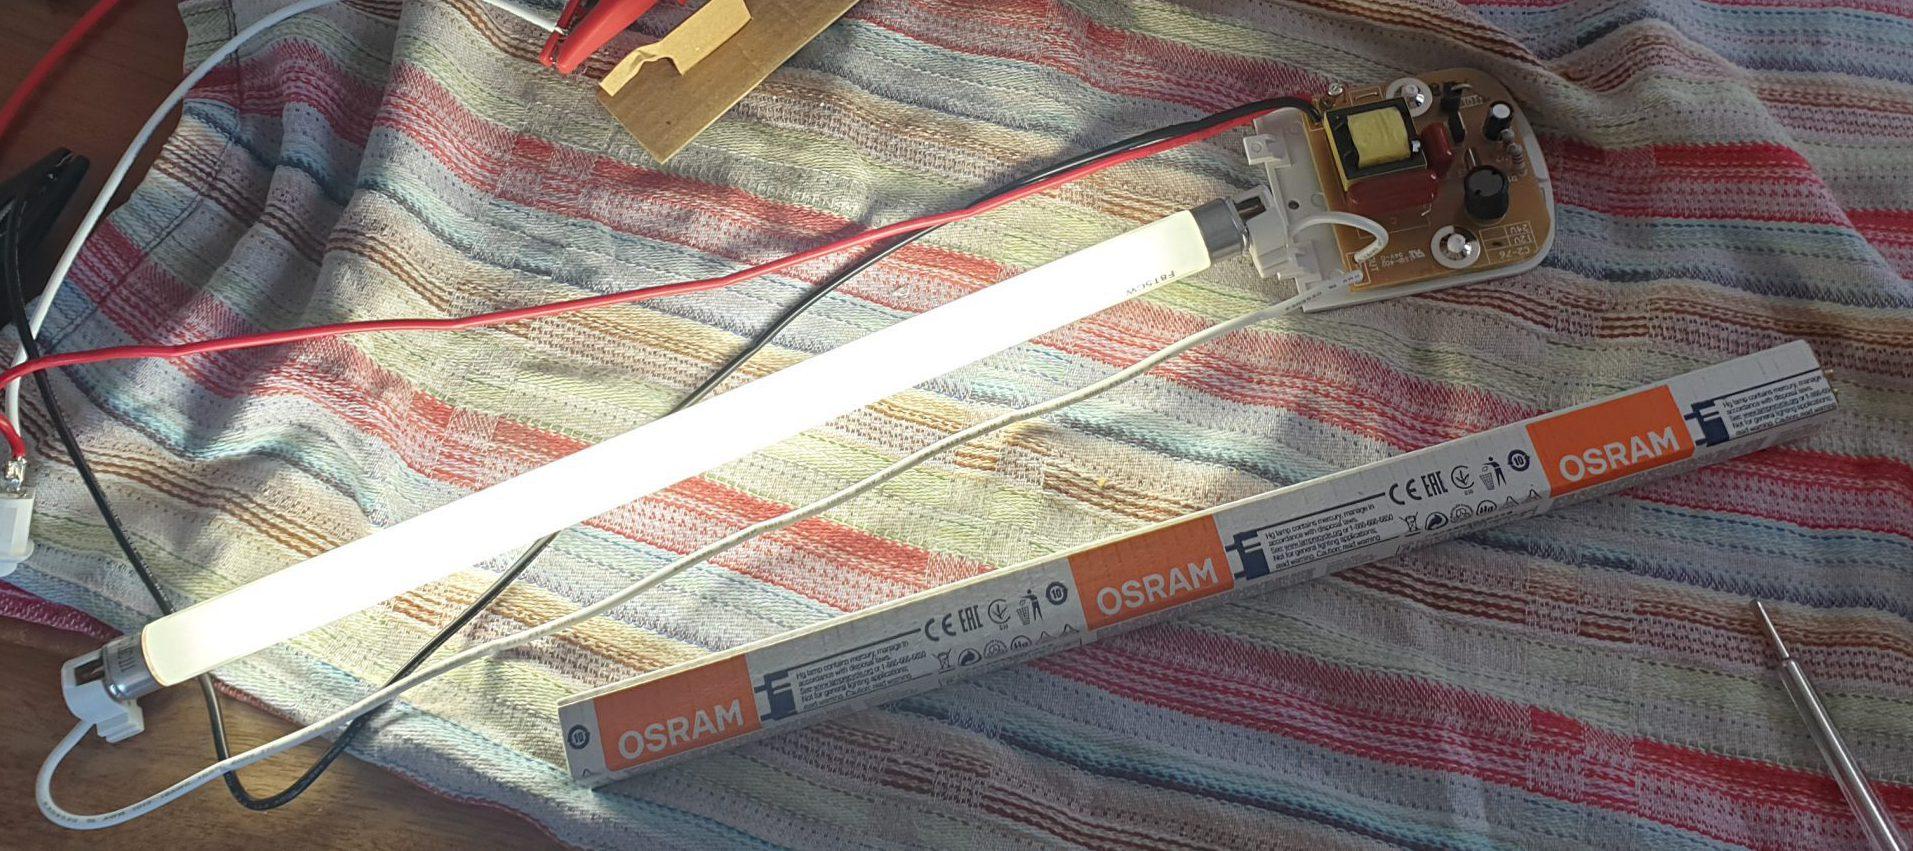 C2-76 Mono Leuchtstoffröhre 12 V (L x B x H) 410 x 65 x 35 mm Schalter